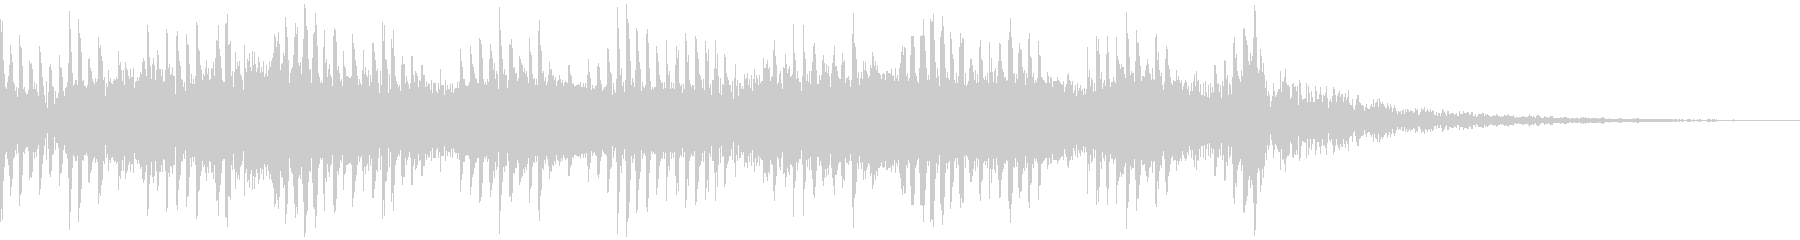 クイズのシンキングタイムBGMの未再生の波形